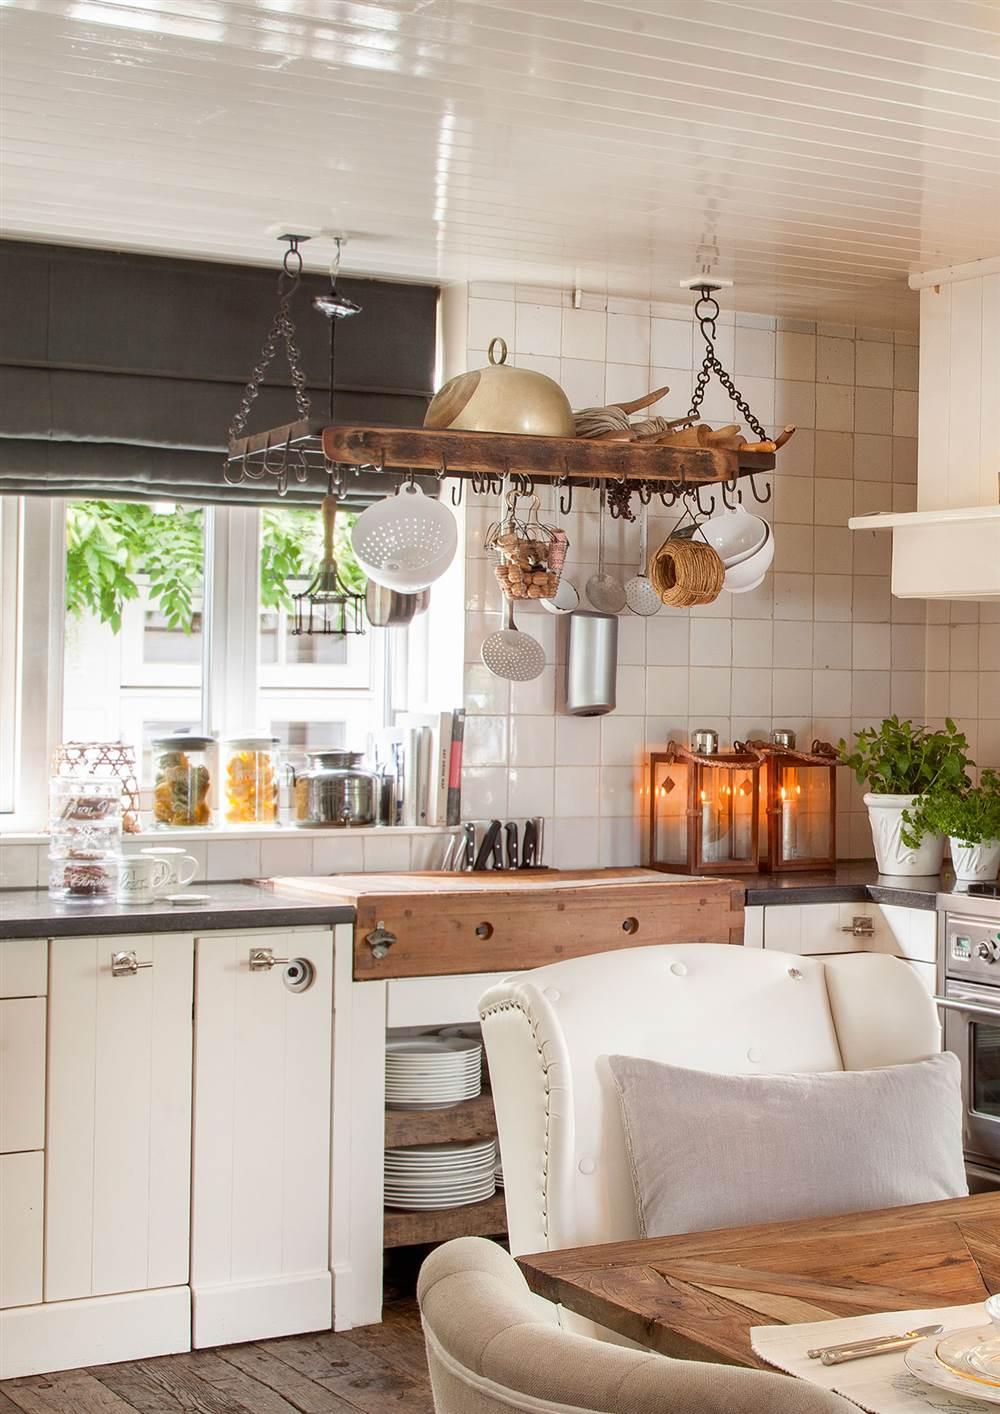 Claves del orden ideas y trucos para ganar espacio for Que es decoracion